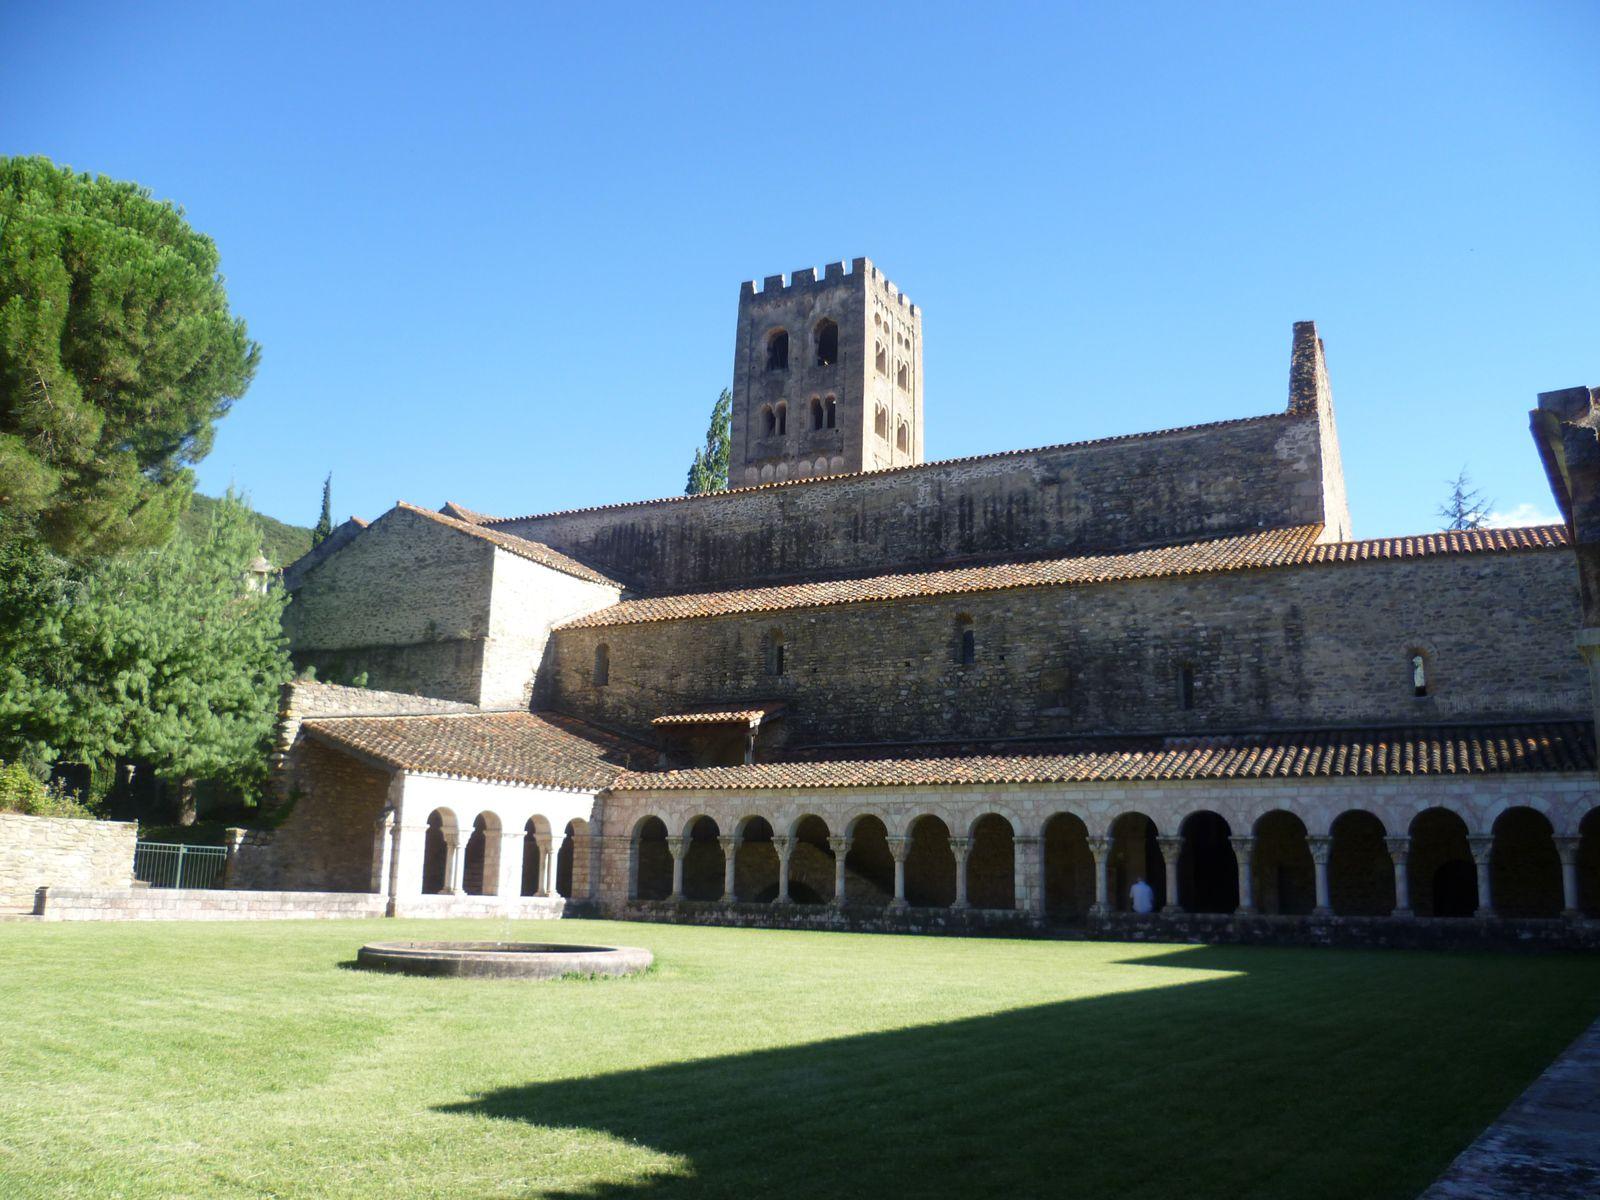 'abbaye Saint Michel de Cuxa est située au-dessus de la vallée de Prades, avec au nord le massif de Madrès et les Corbières, et au sud le Canigou. Son histoire commence ailleurs : au monastère de Saint André d'Eixalada, situé dans une gorge de la Têt, où quelques clercs et laïcs s'étaient installés en 840 à l'emplacement de sources chaudes déjà connues dans l'antiquité.